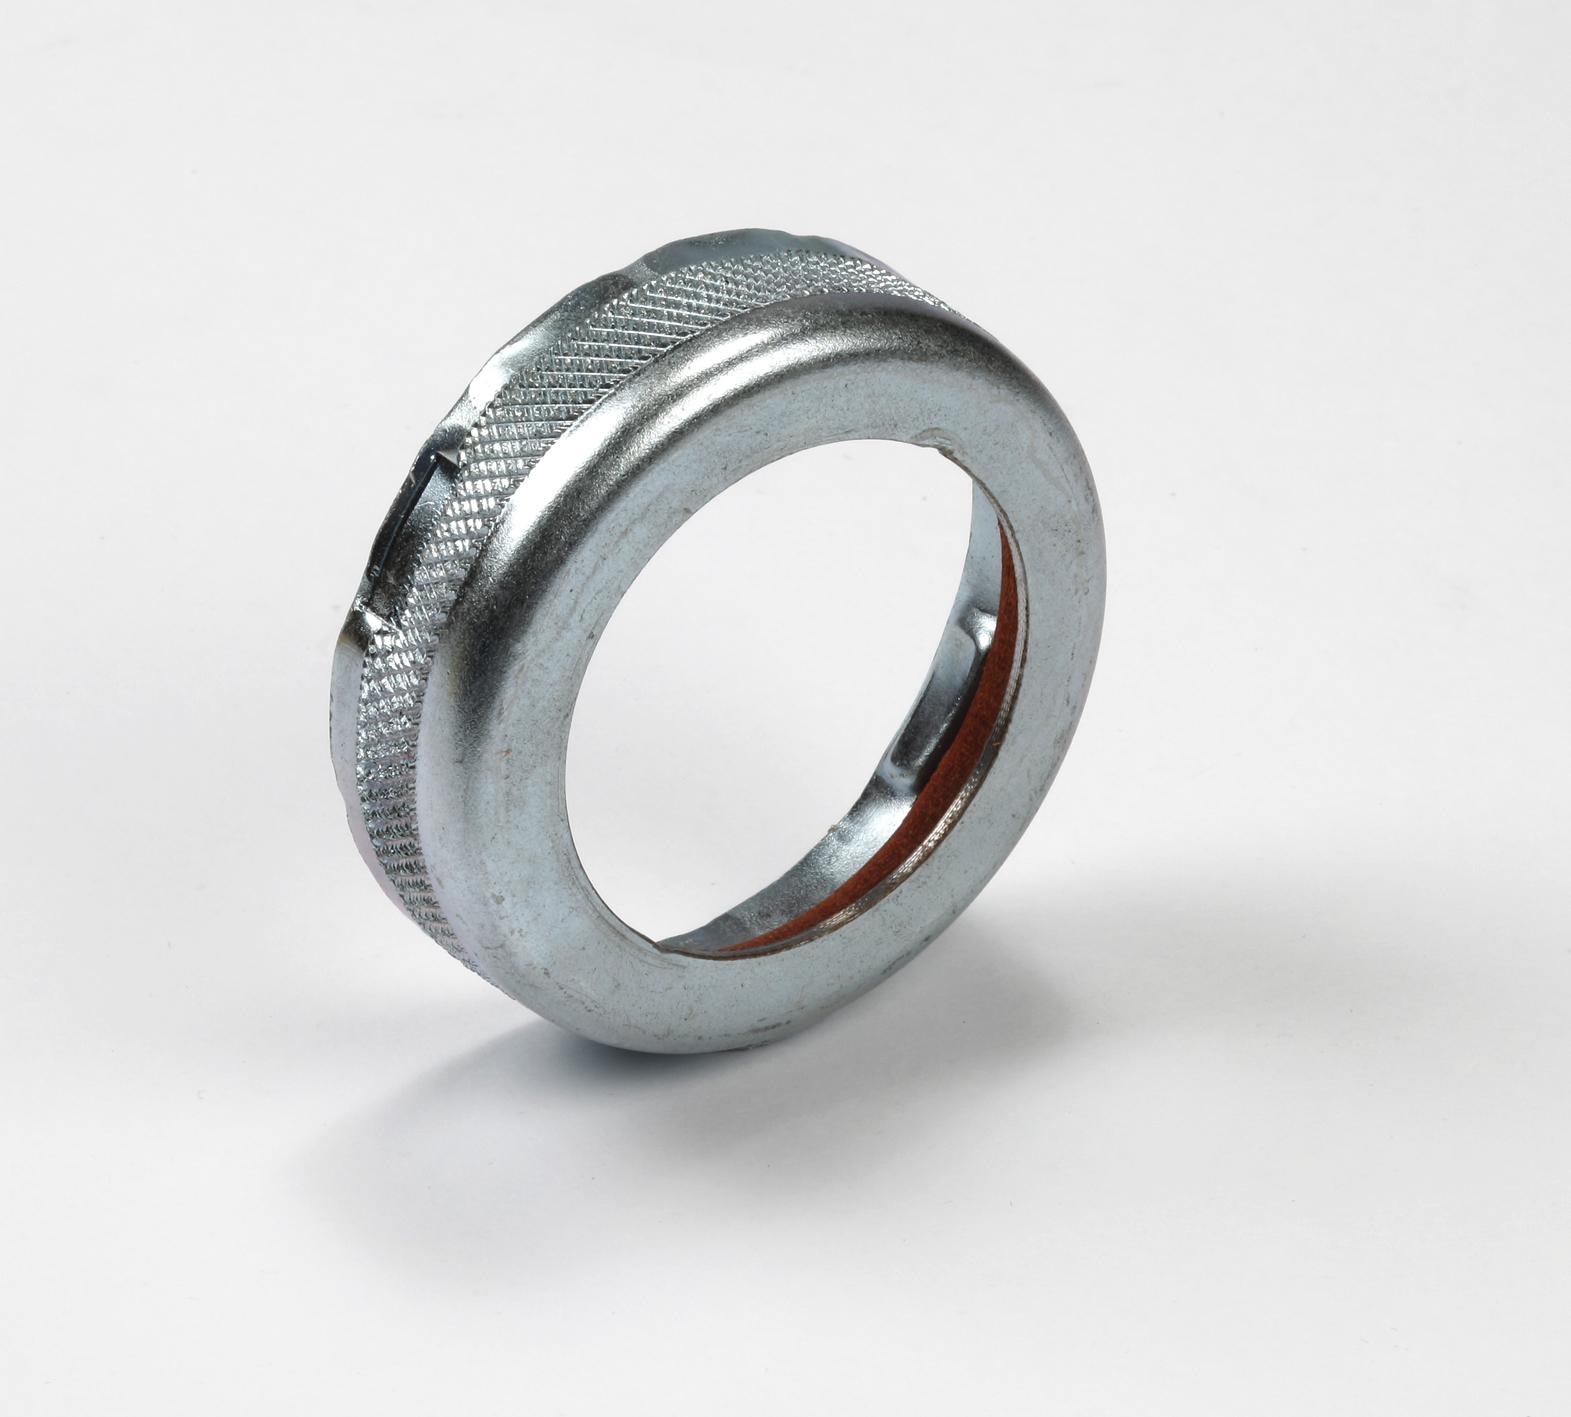 Dispensing Gun Ring Image